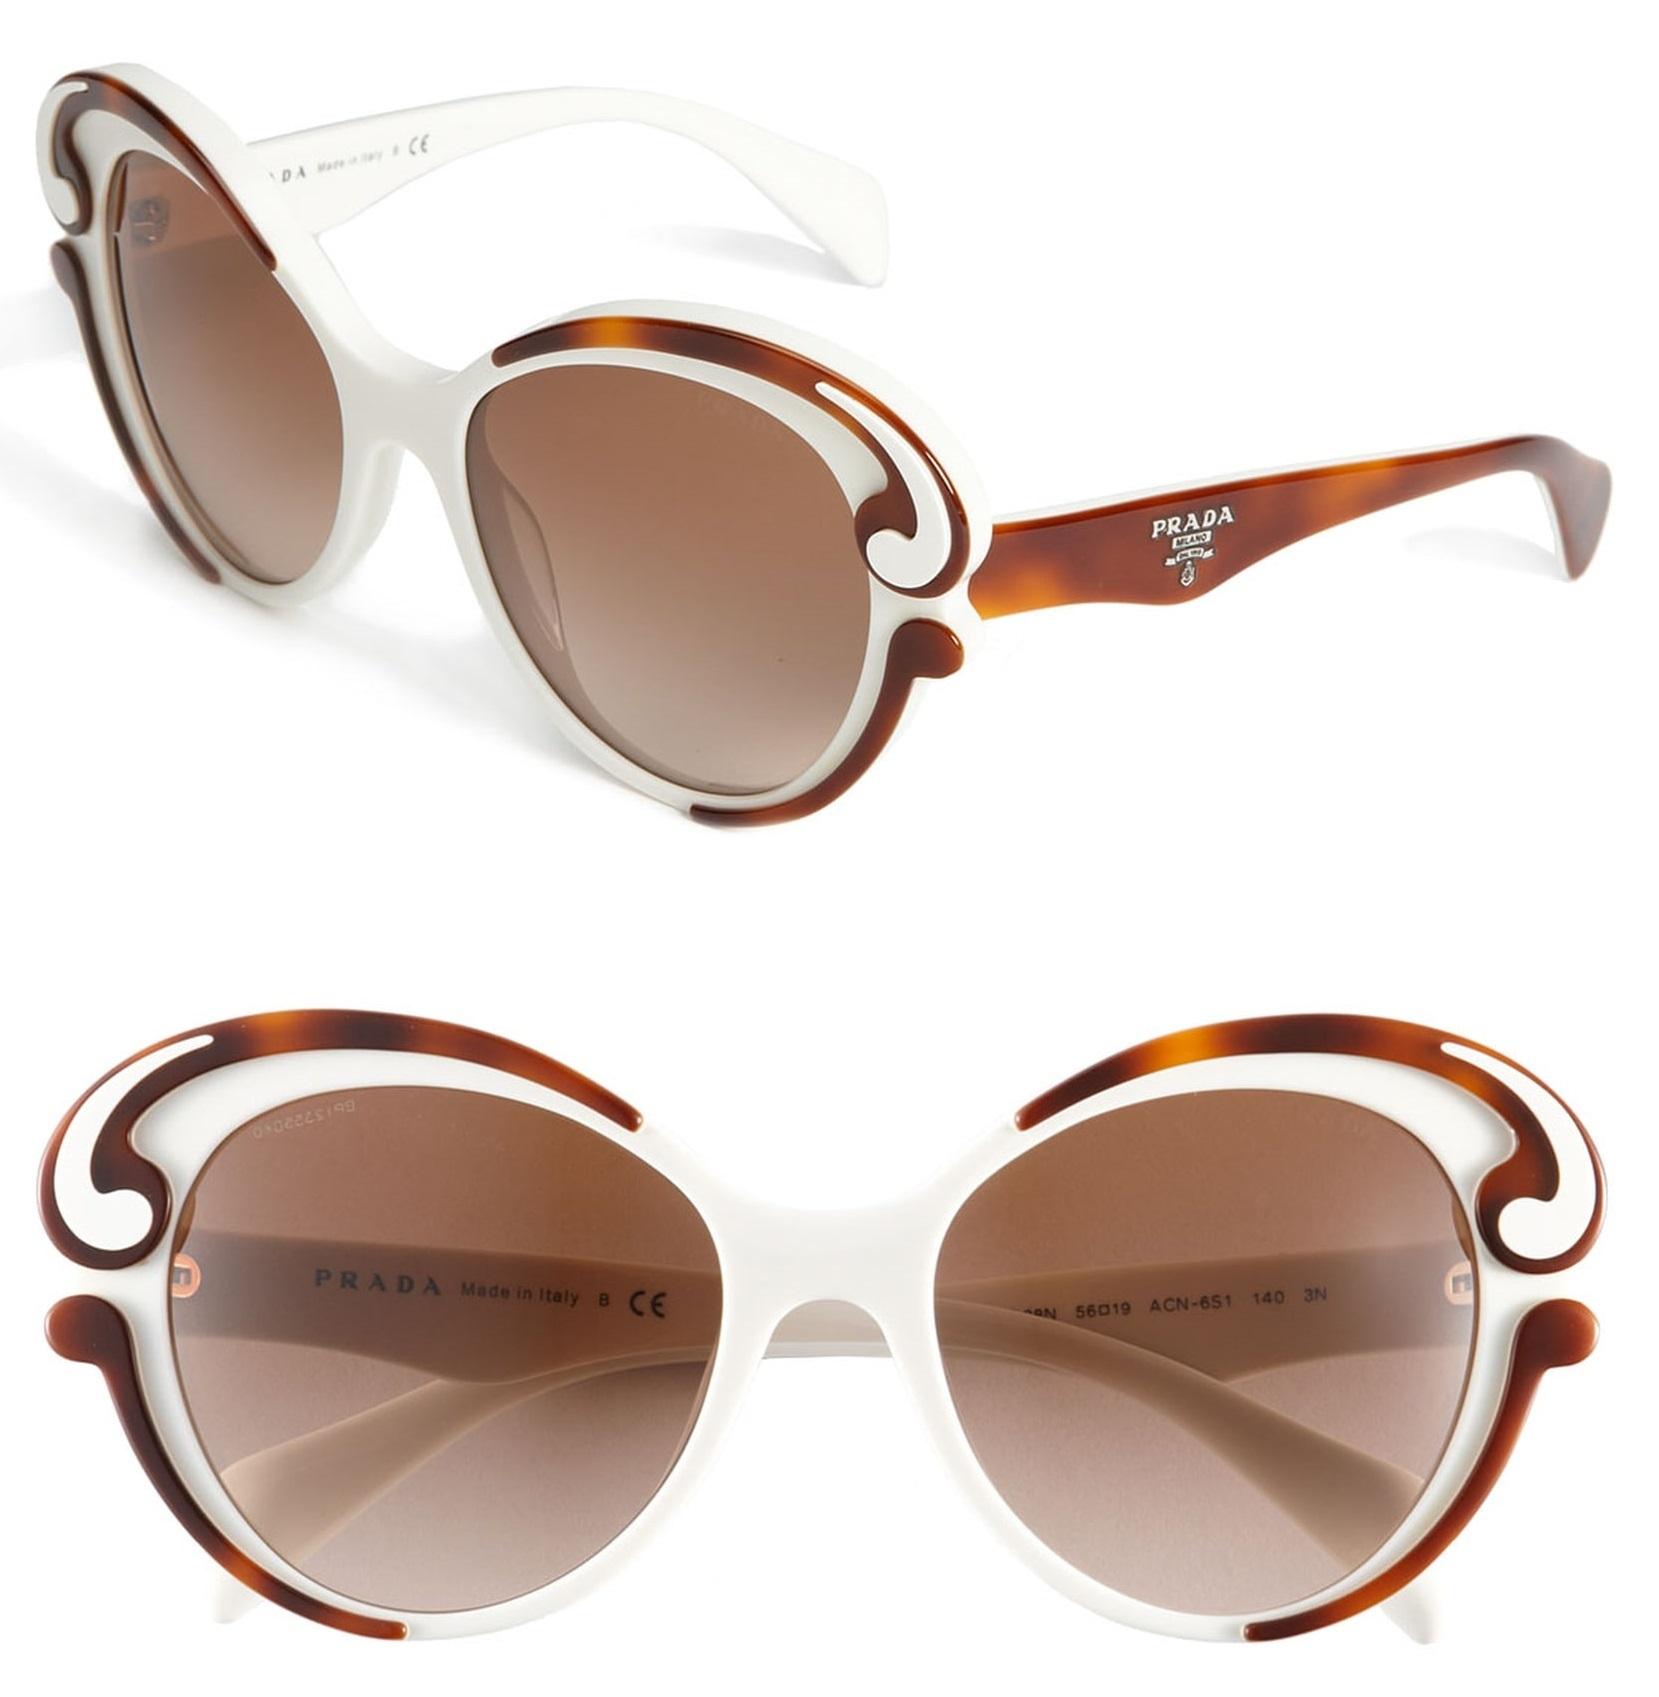 078ab72368231 Prada SPR 28N ACN6S1 Sunglasses Top Havana-Ivory   Brown Gradient Lens